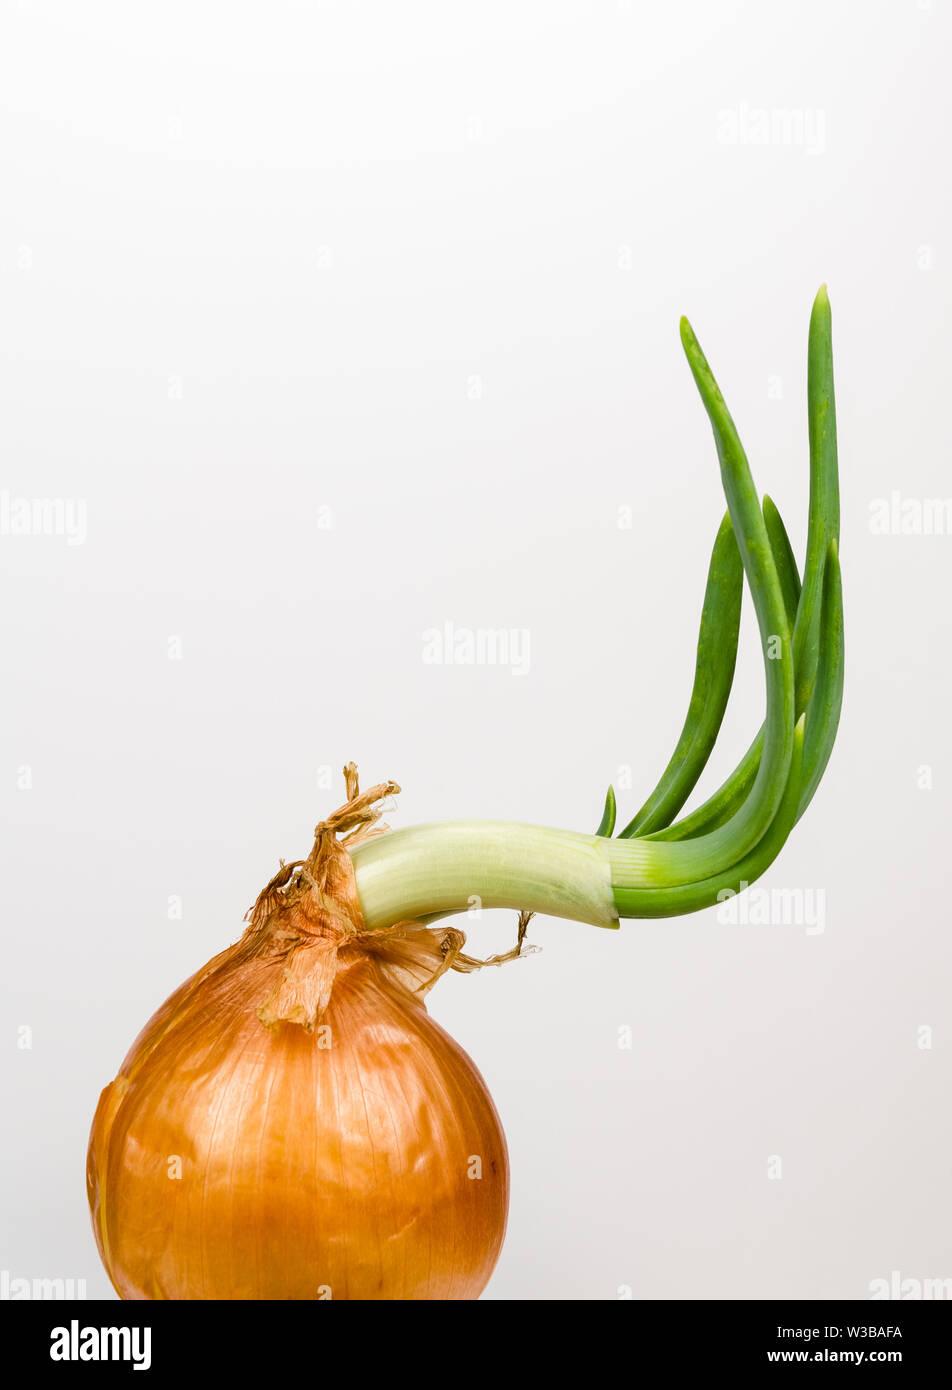 Allium cepa, Close-up eine sprießende Zwiebel gegen einen hellen Hintergrund Stockbild